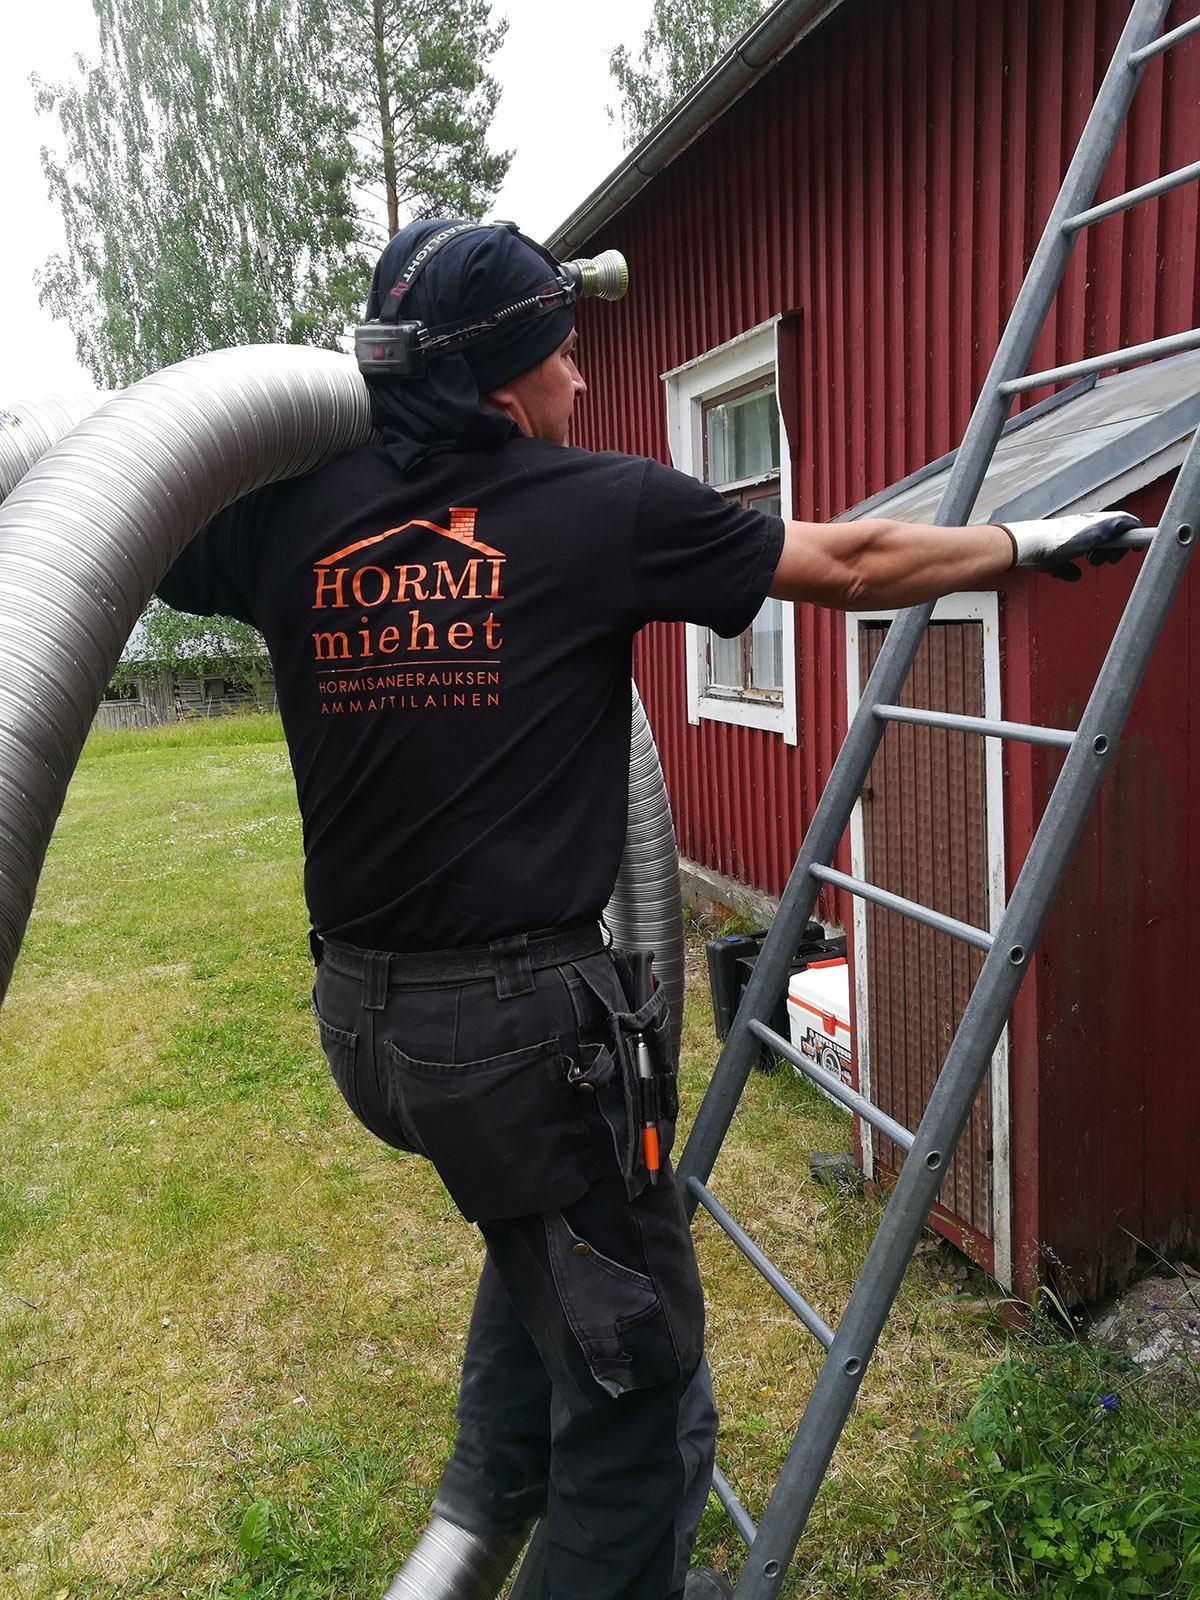 Hormin putkitus | Suomen Hormimiehet | Hormisaneeraus Pirkanmaa, Häme, Etelä-Suomi